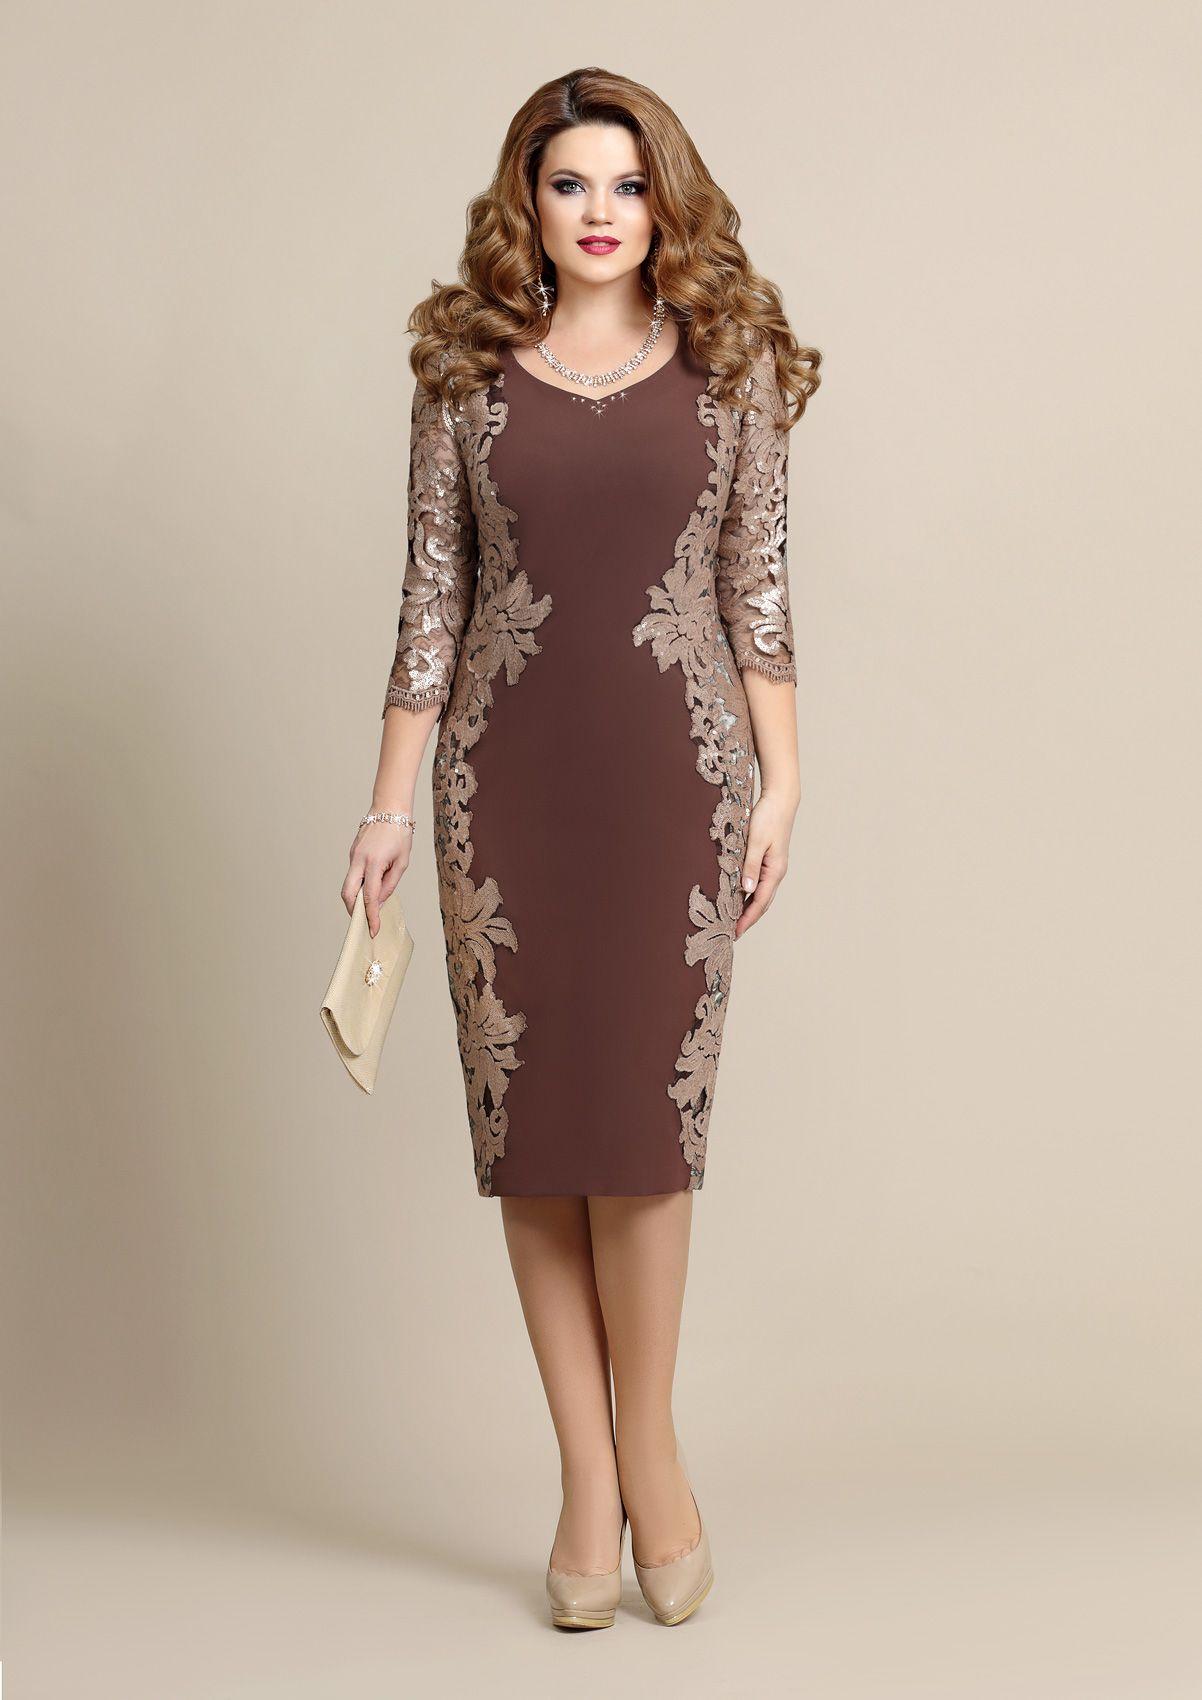 f4c581d7404d27f Платья для полных купить, модное платье больших размеров в Астане, Алматы.  eModa интернет-магазин одежды в Казахстане